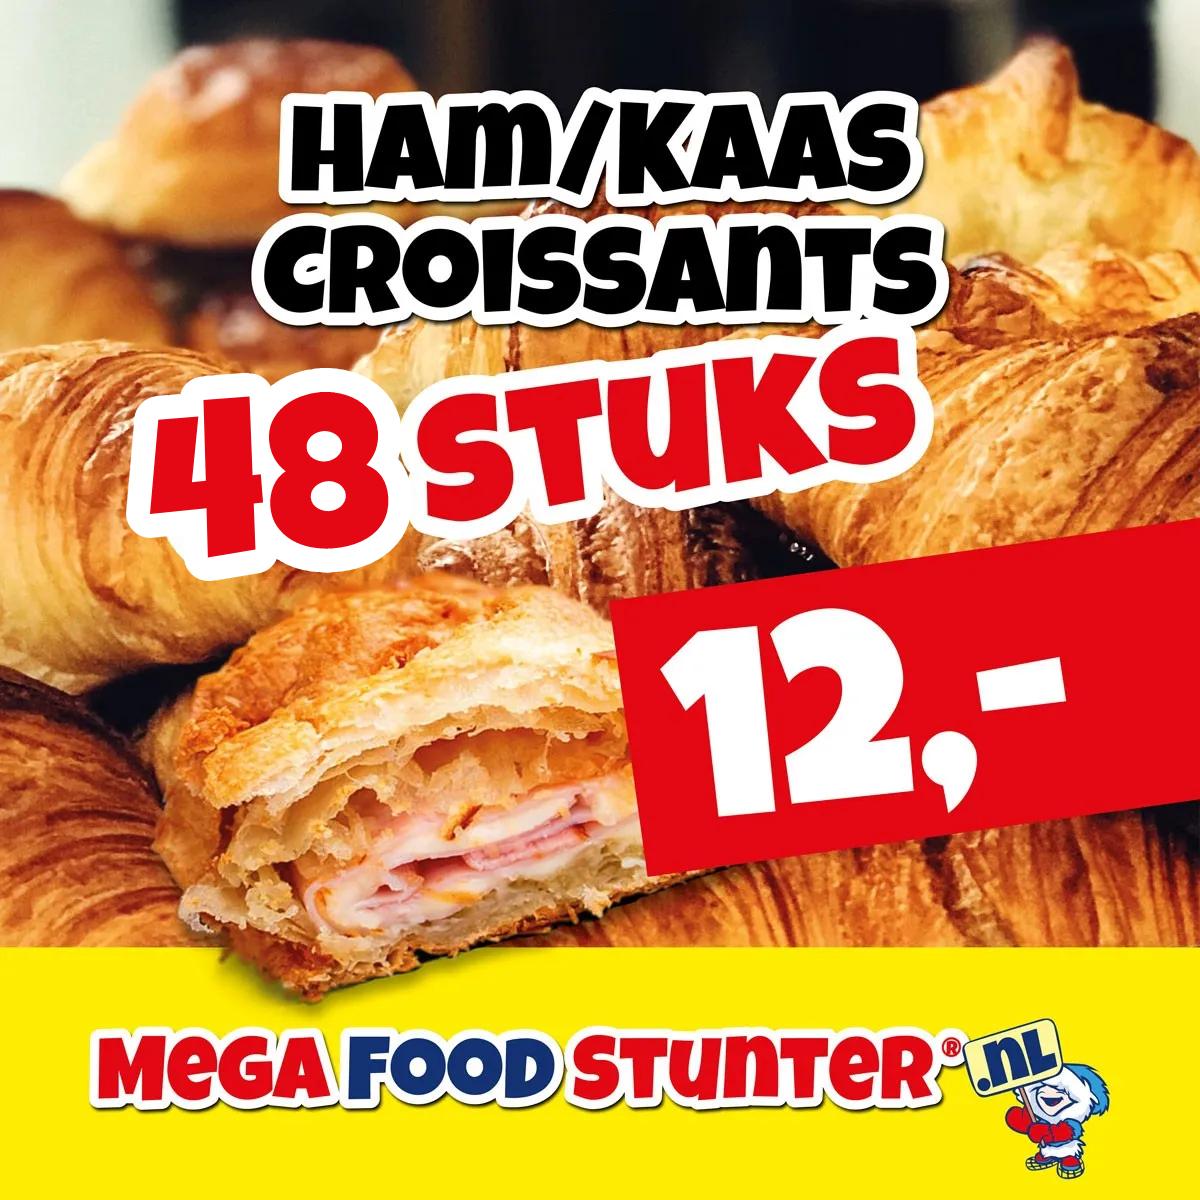 ham kaas croissants 48 stuks